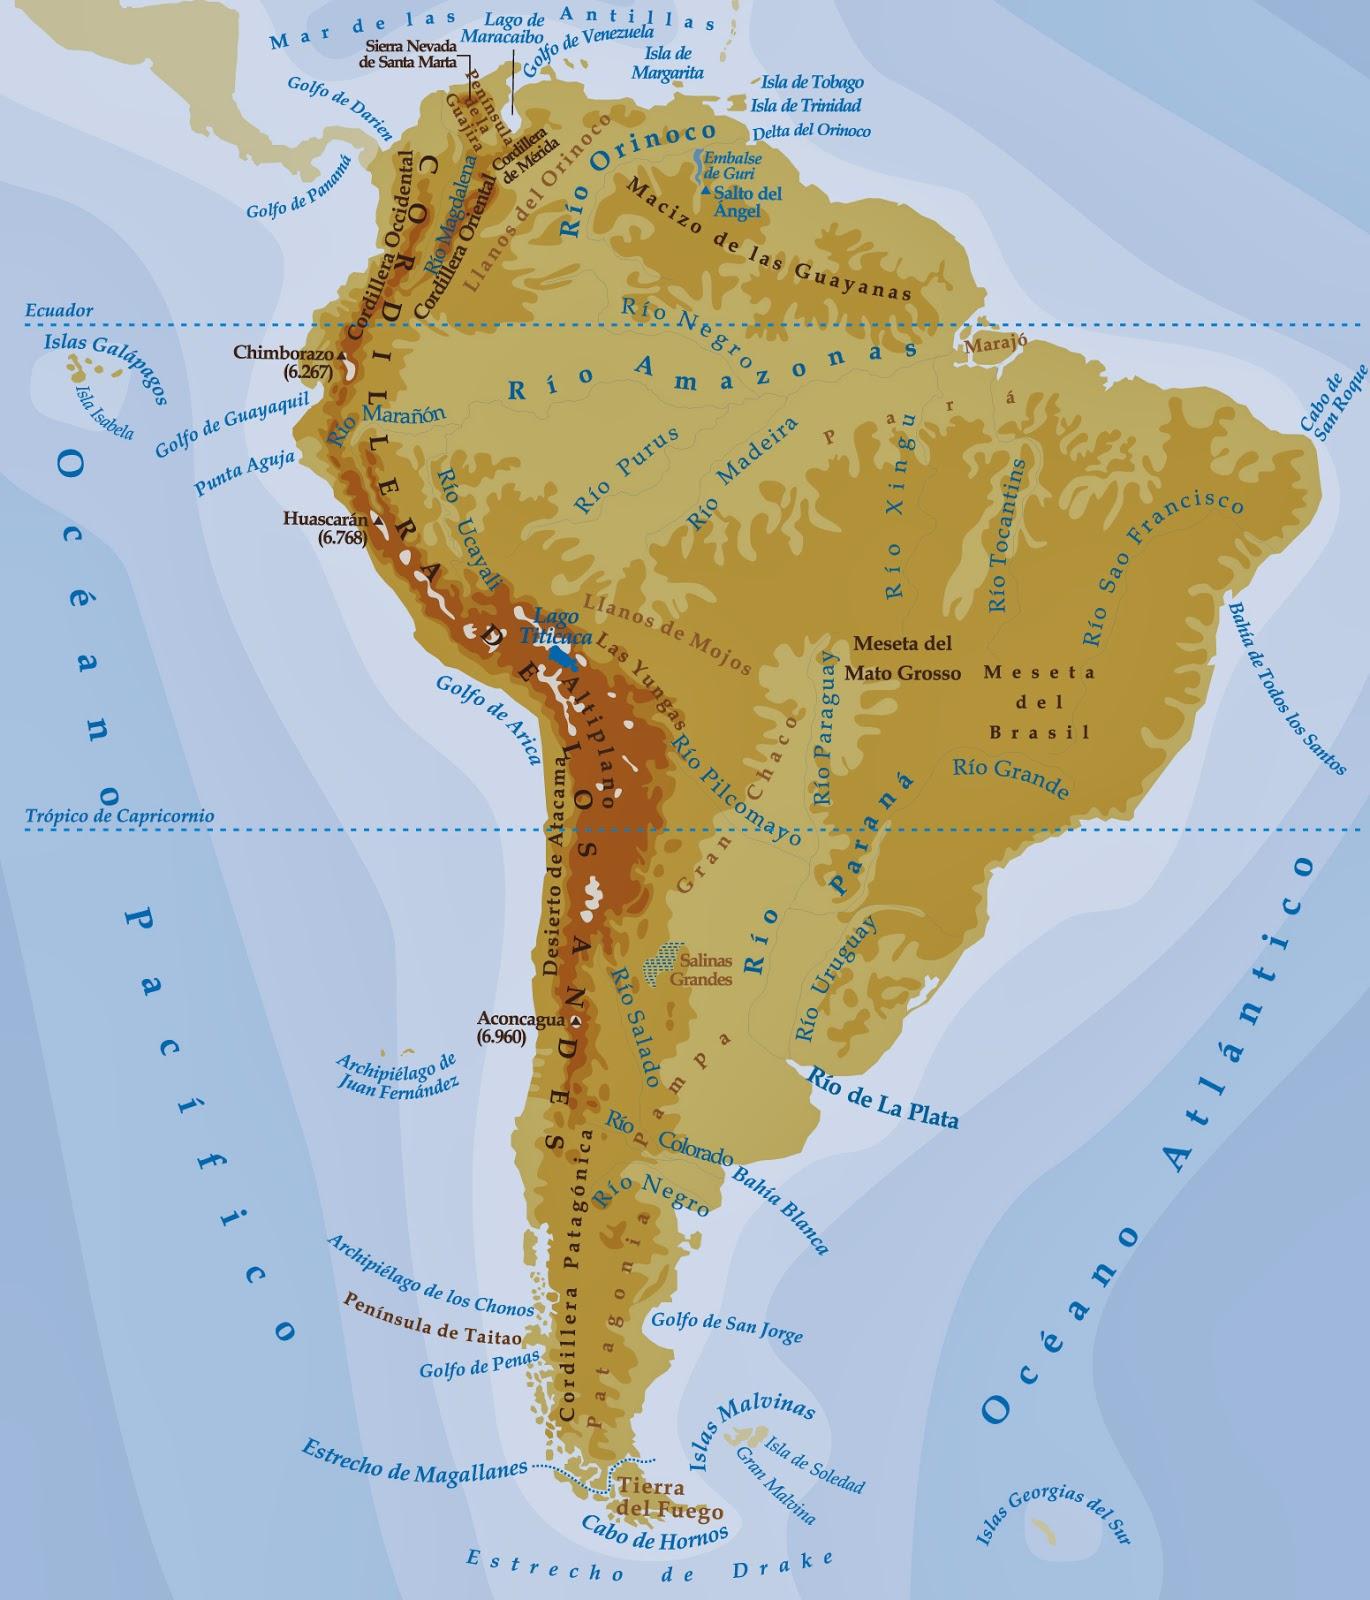 La alacena de las Ciencias Sociales Mapa fsico de Amrica